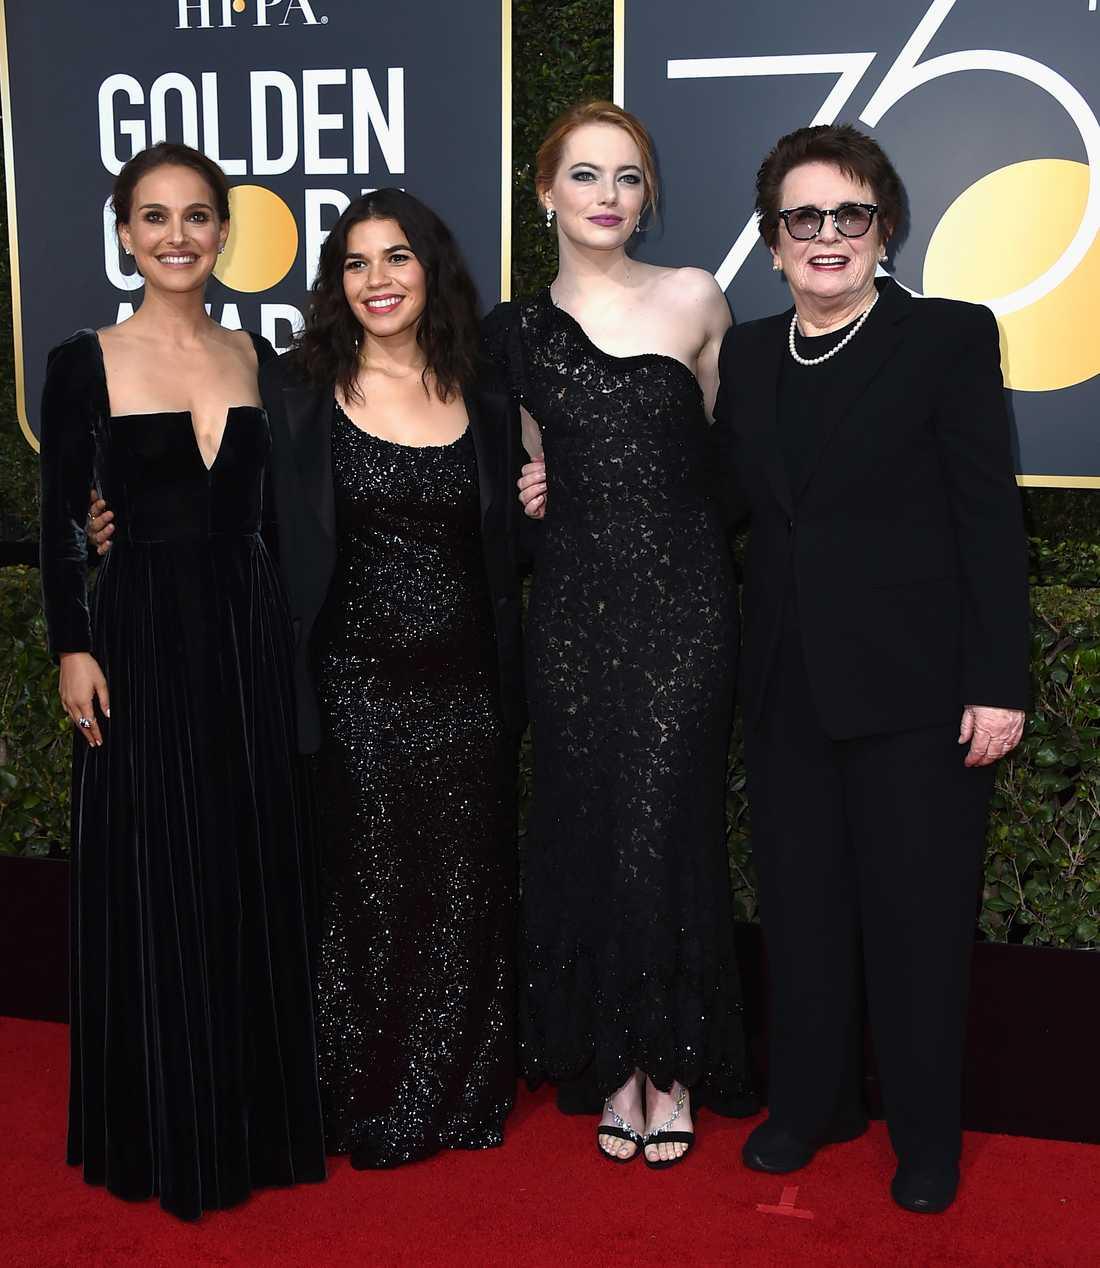 Flera kändisar visade sin sempati med Time's Up under Golden Globe.